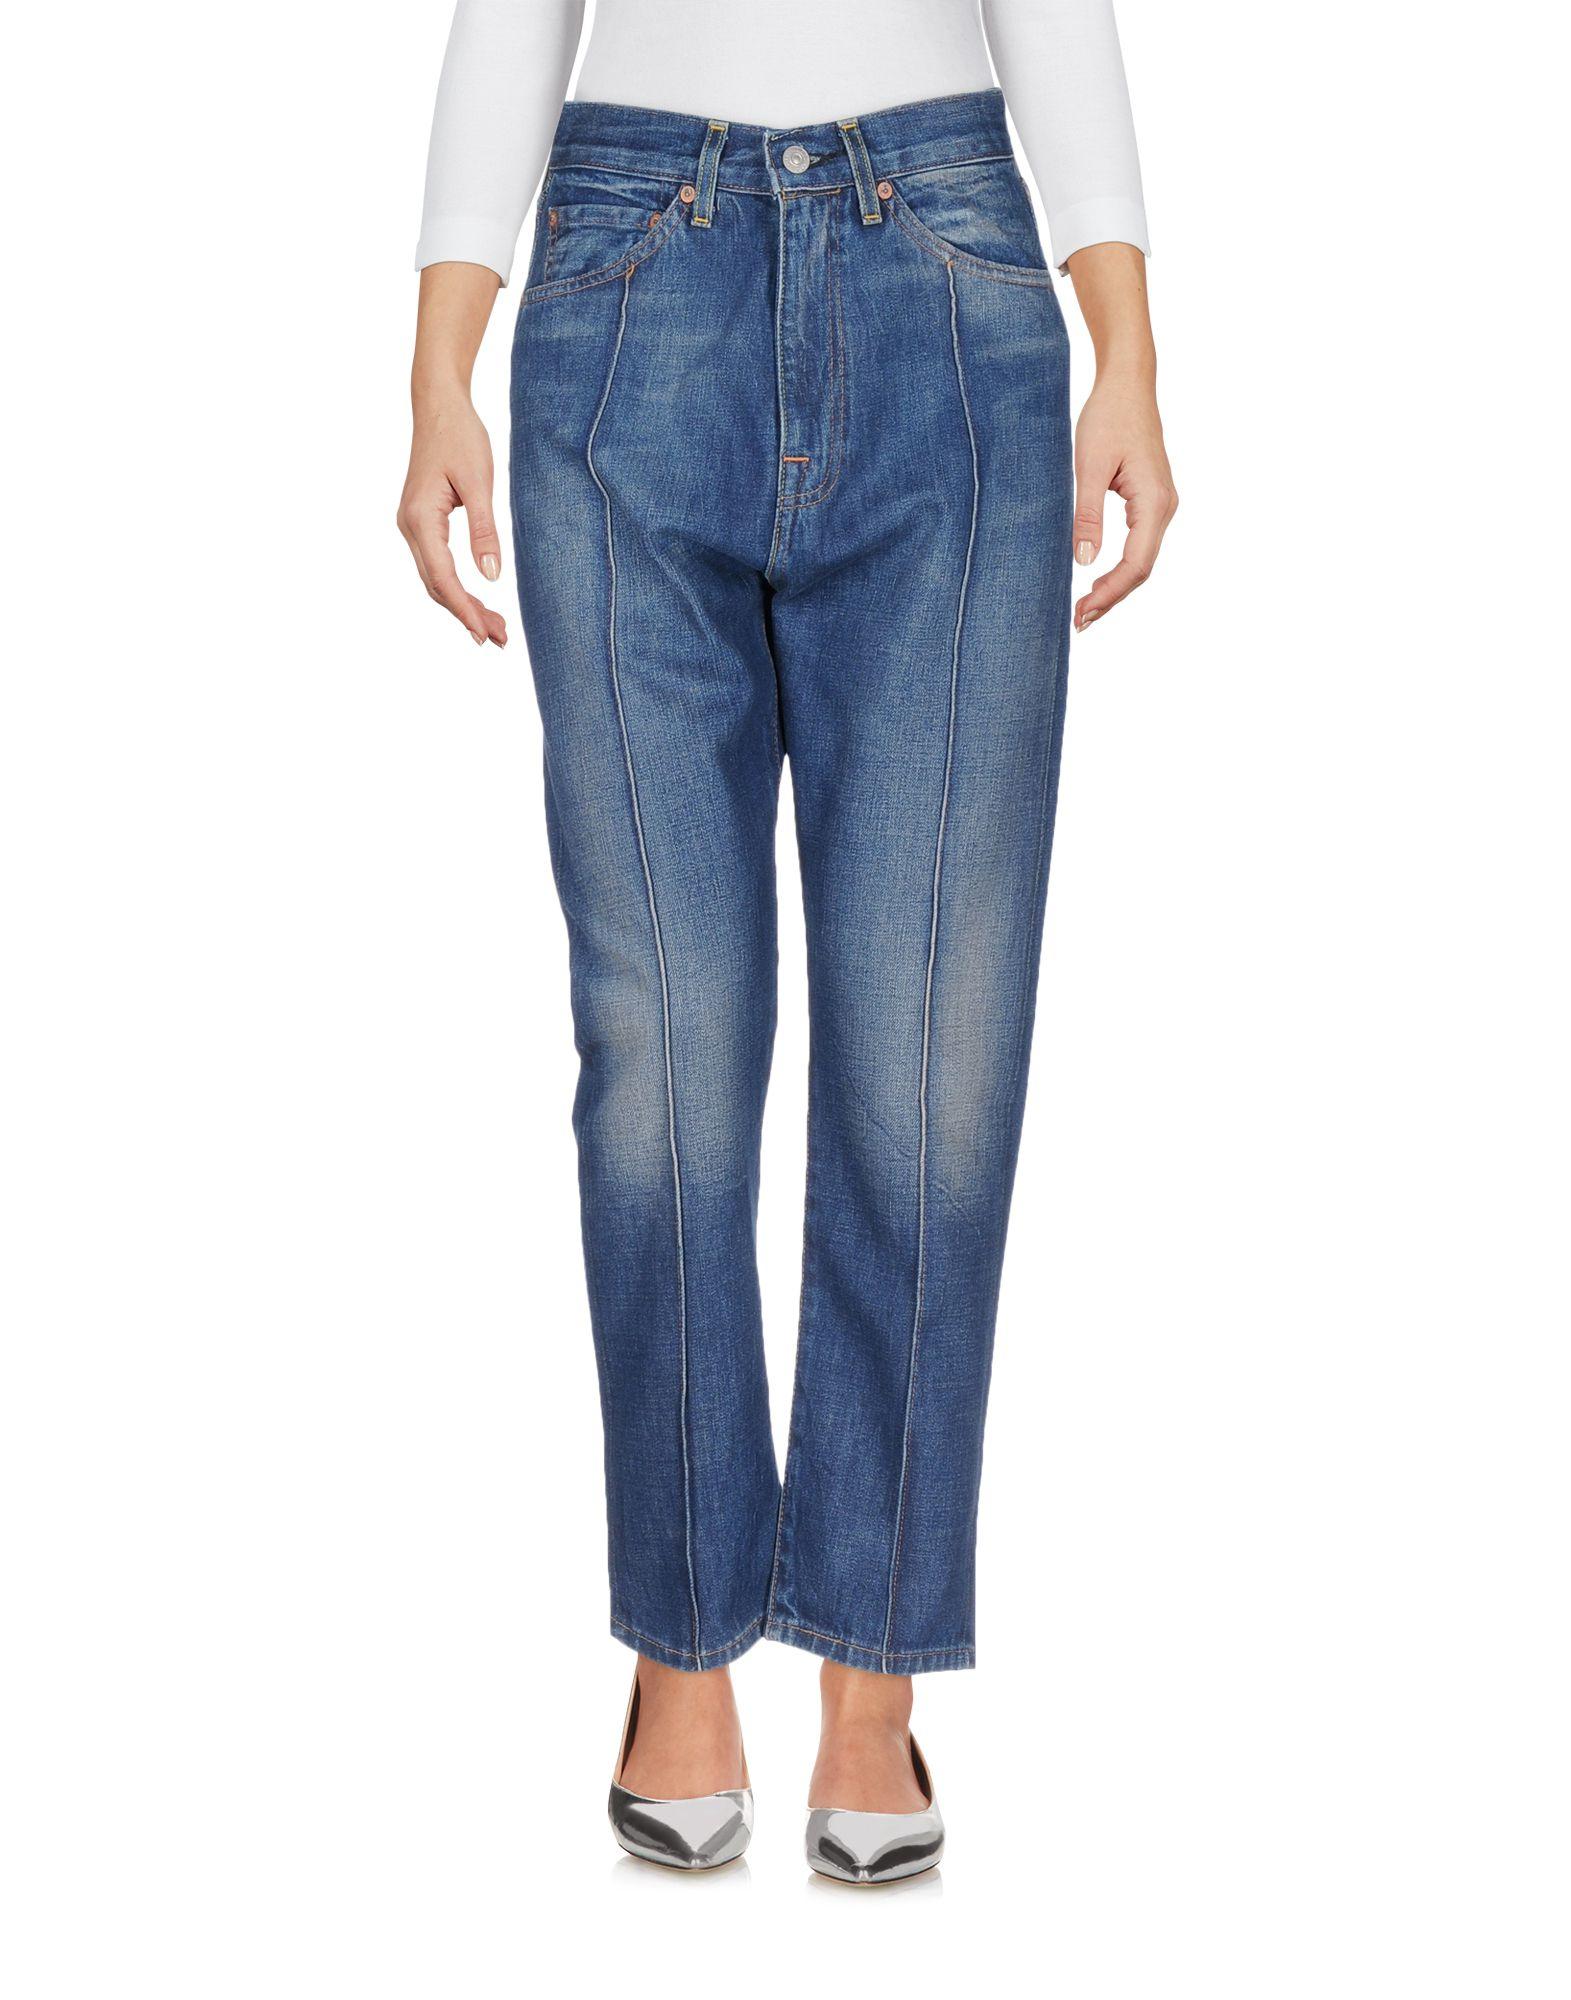 Pantalons Levi FemmeAcheter À Jeans Rouge En Patte Ligne cRjS5AL34q